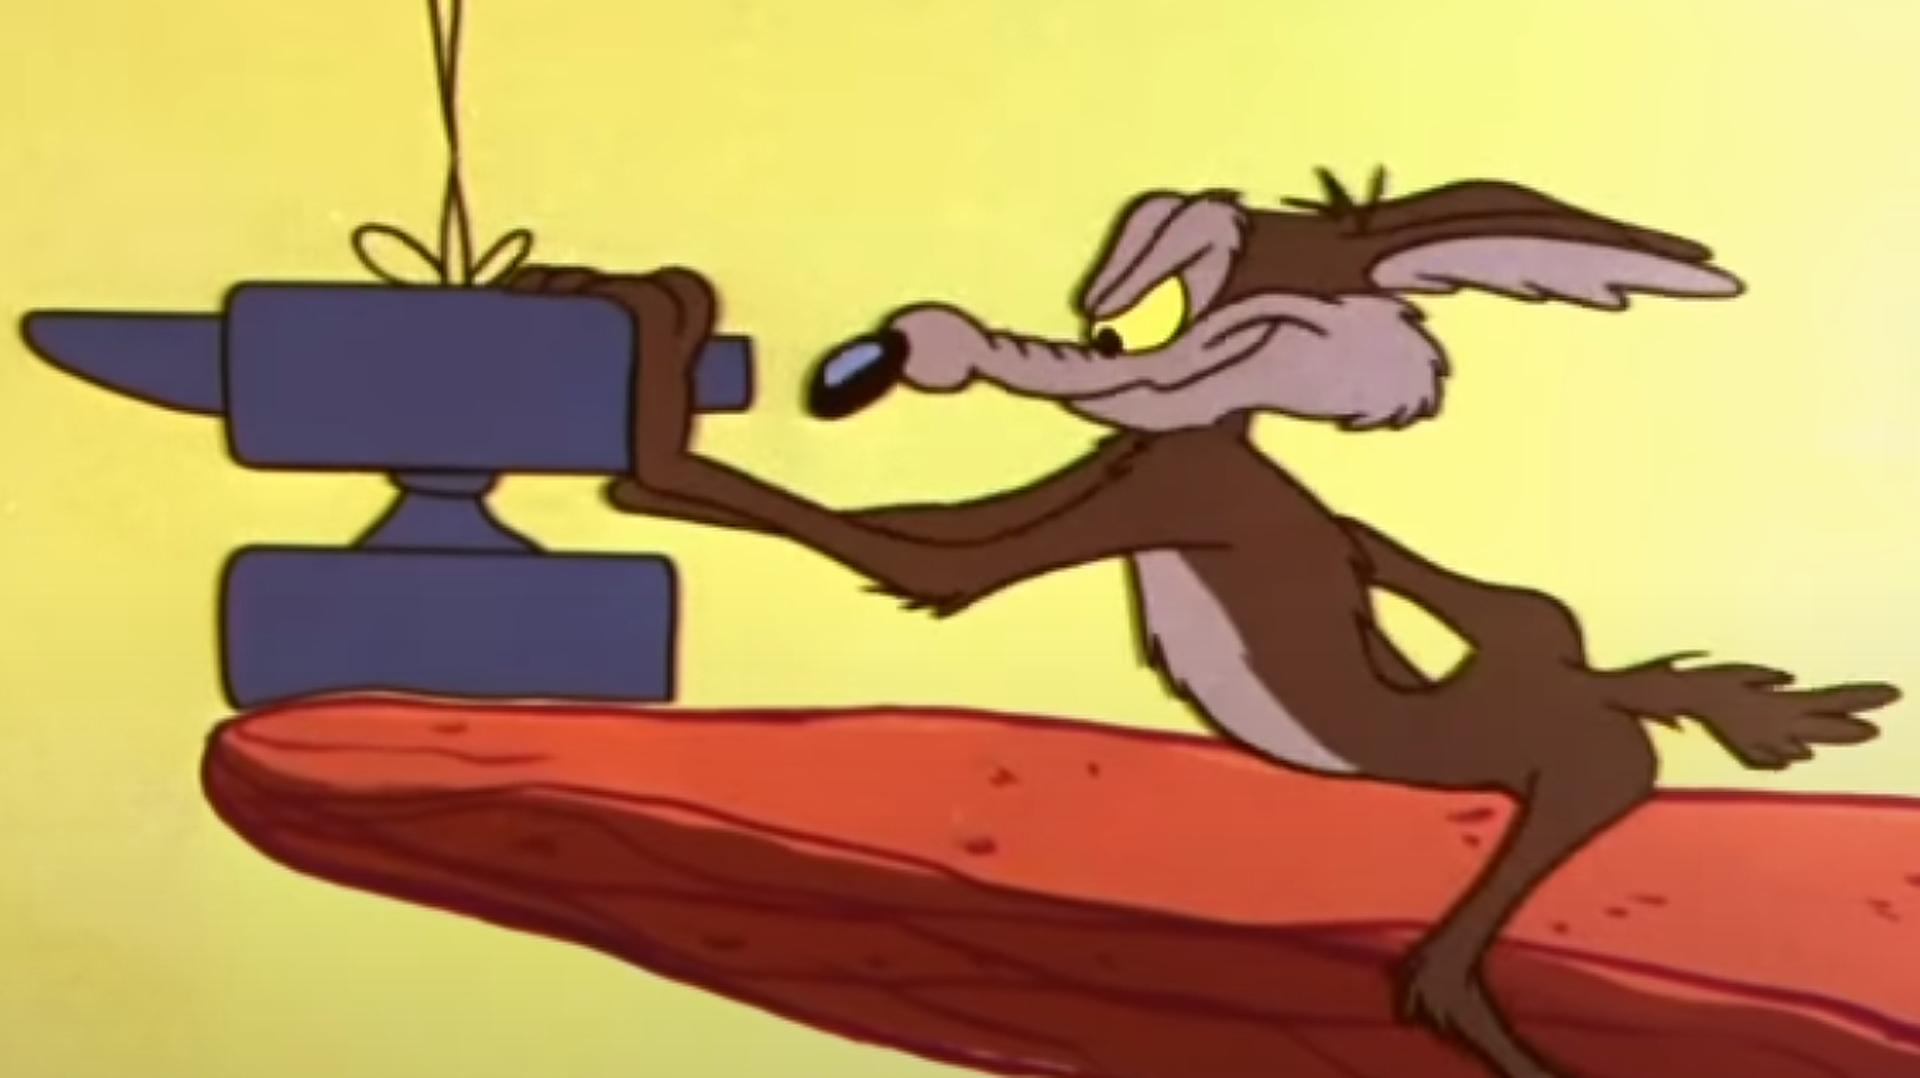 Un personaje de 'Looney Tunes' empuja un yunque - Sputnik Mundo, 1920, 26.08.2021